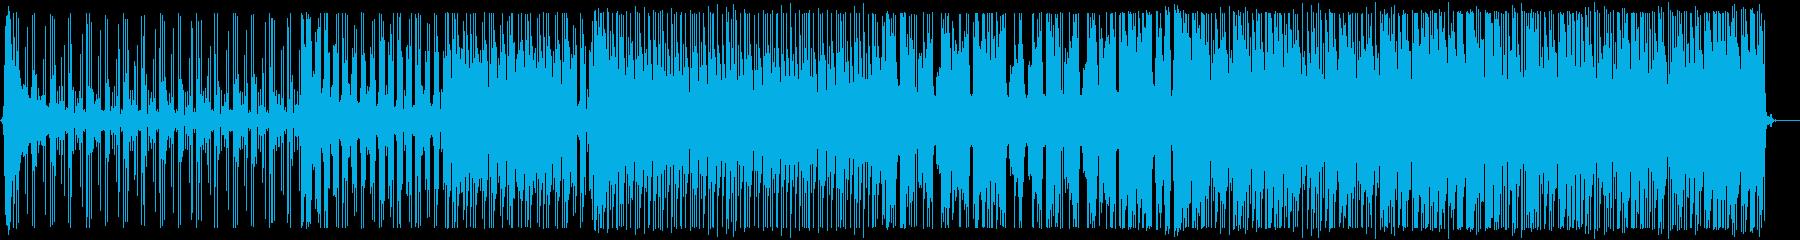 爽やかなトロピカルハウス_No586_2の再生済みの波形